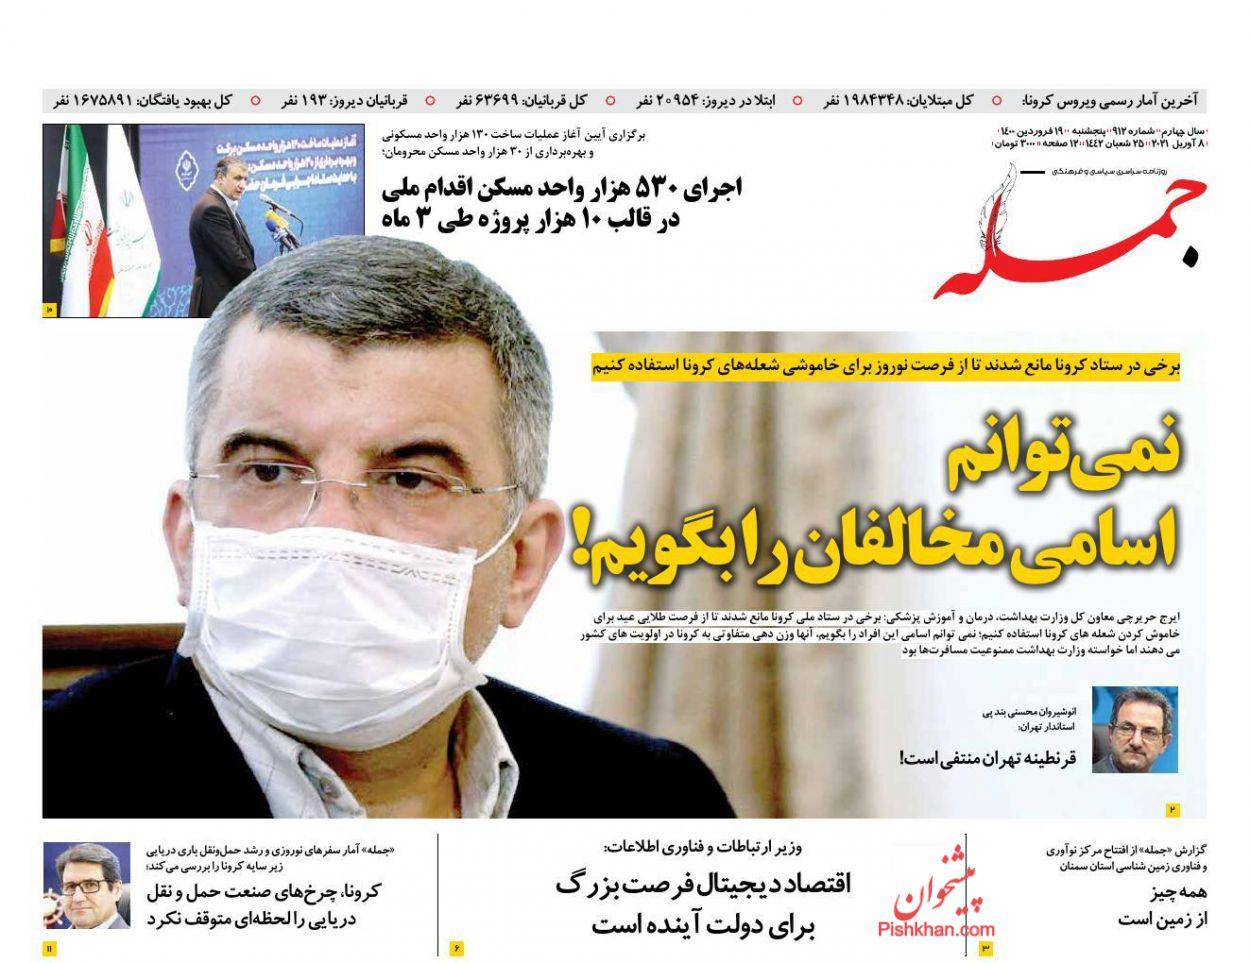 عناوین اخبار روزنامه جمله در روز پنجشنبه ۱۹ فروردین